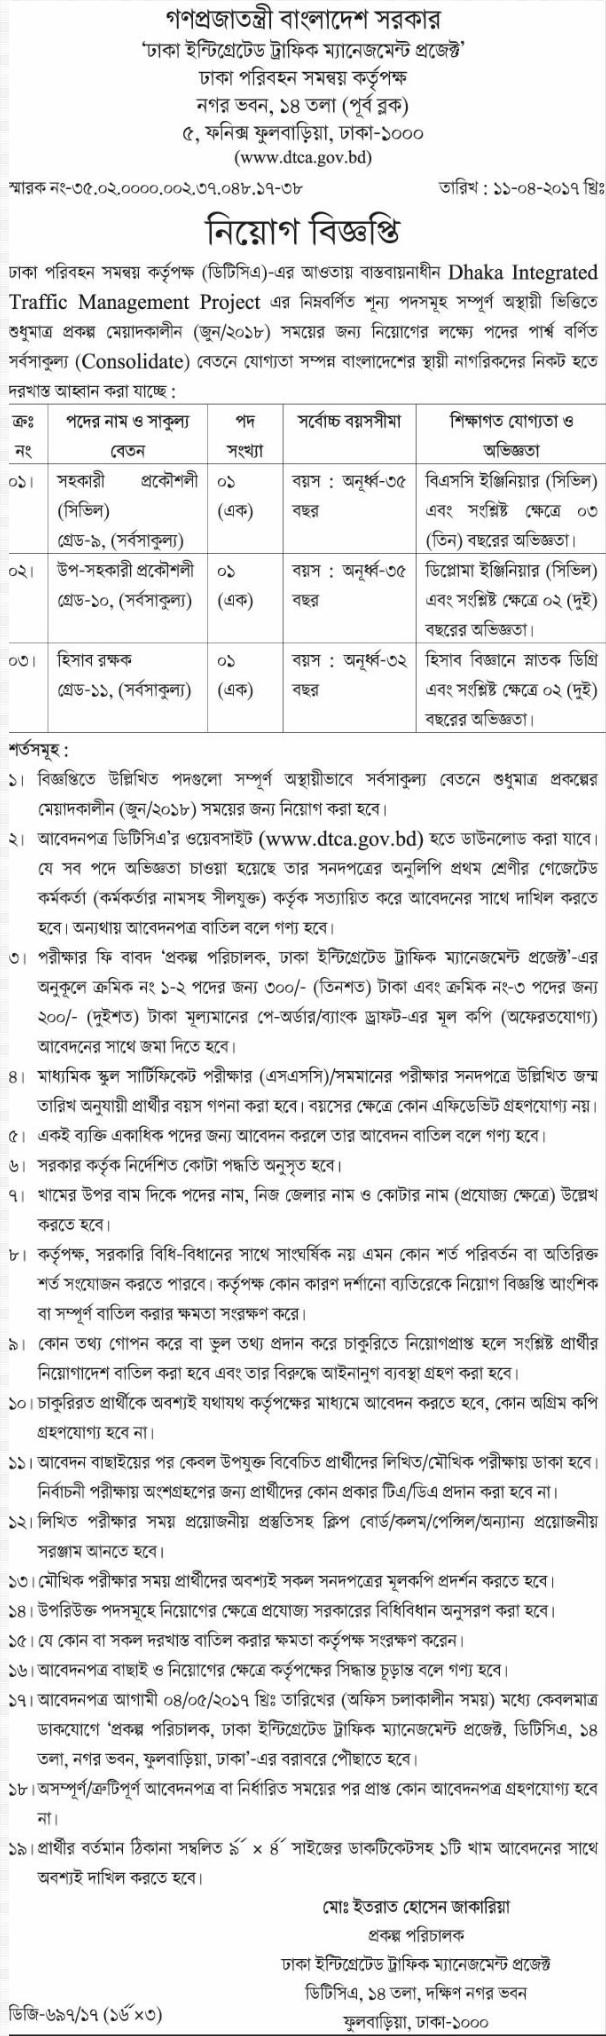 Dhaka Coordination Authority (DTCA) Job Circular 2017